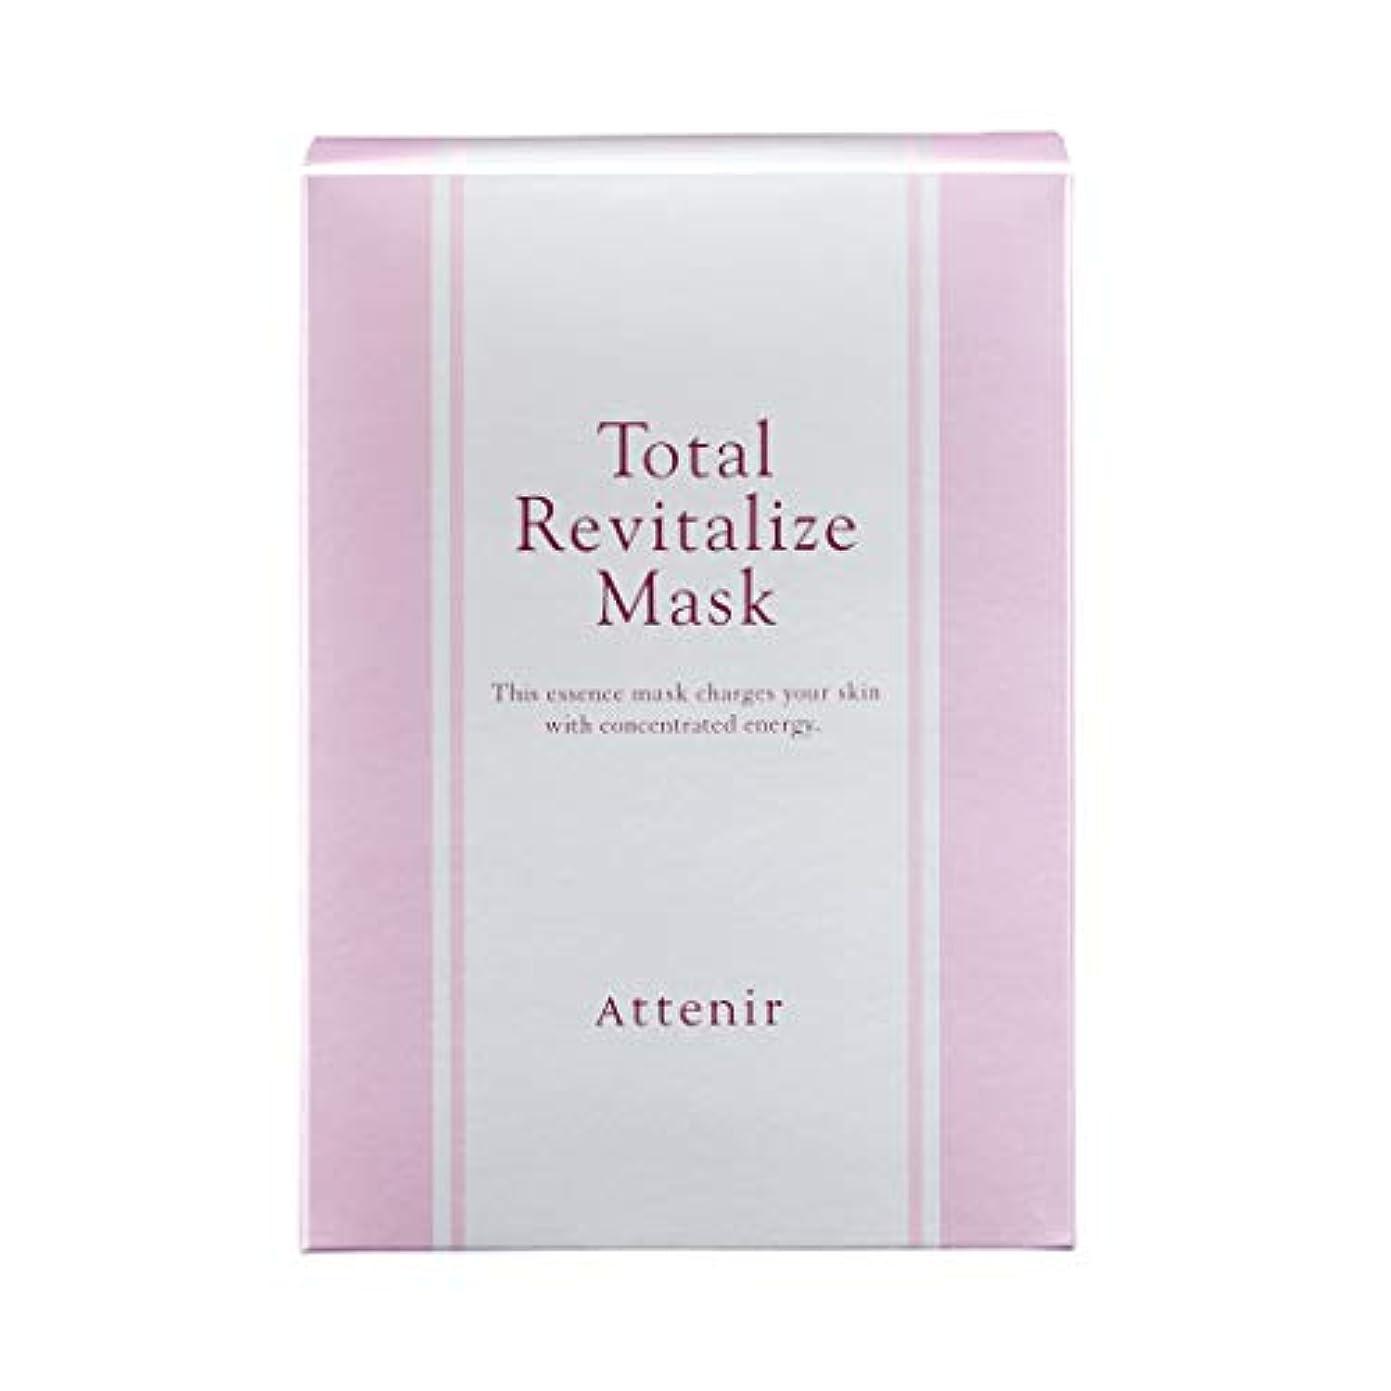 混乱検体テレビ局アテニア トータルリヴァイタライズ マスク肌疲労ケアシートマスク 全顔用 6包入り